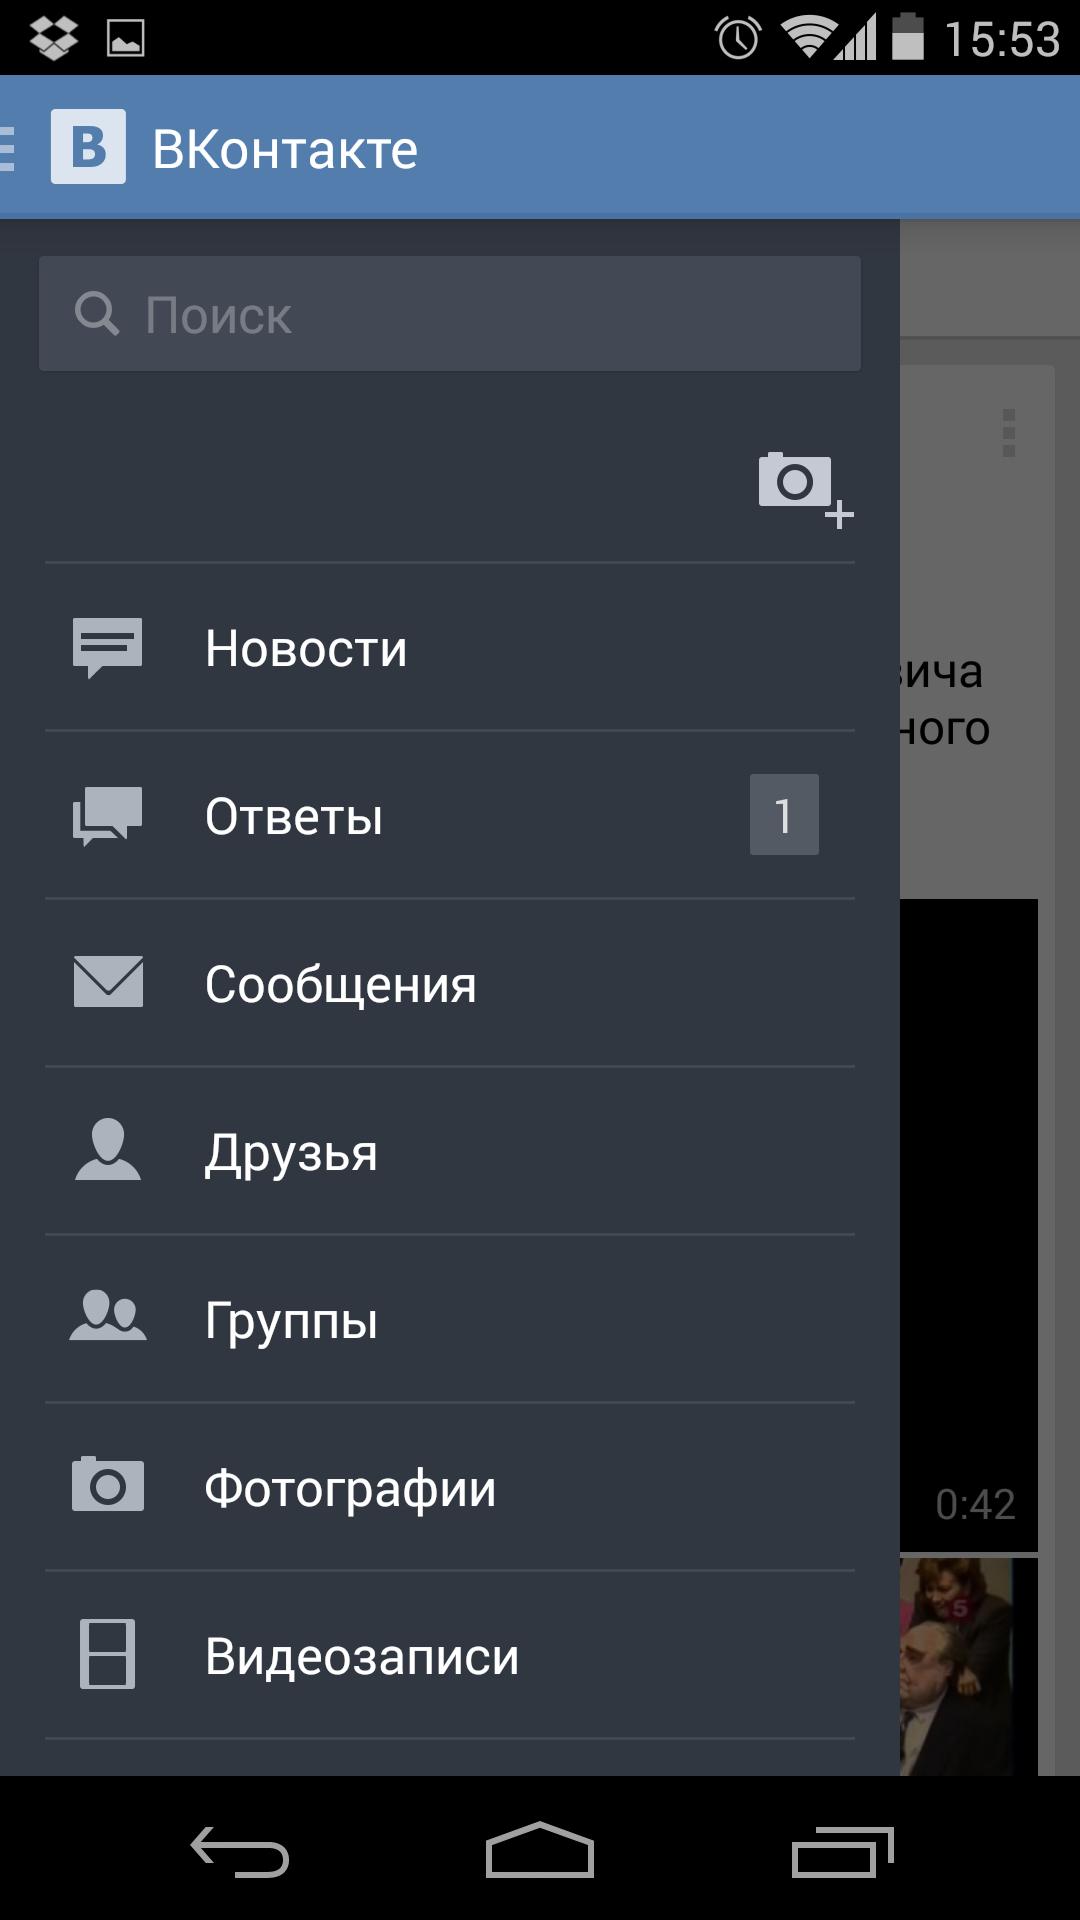 Скачать клиент вконтакте для андроид